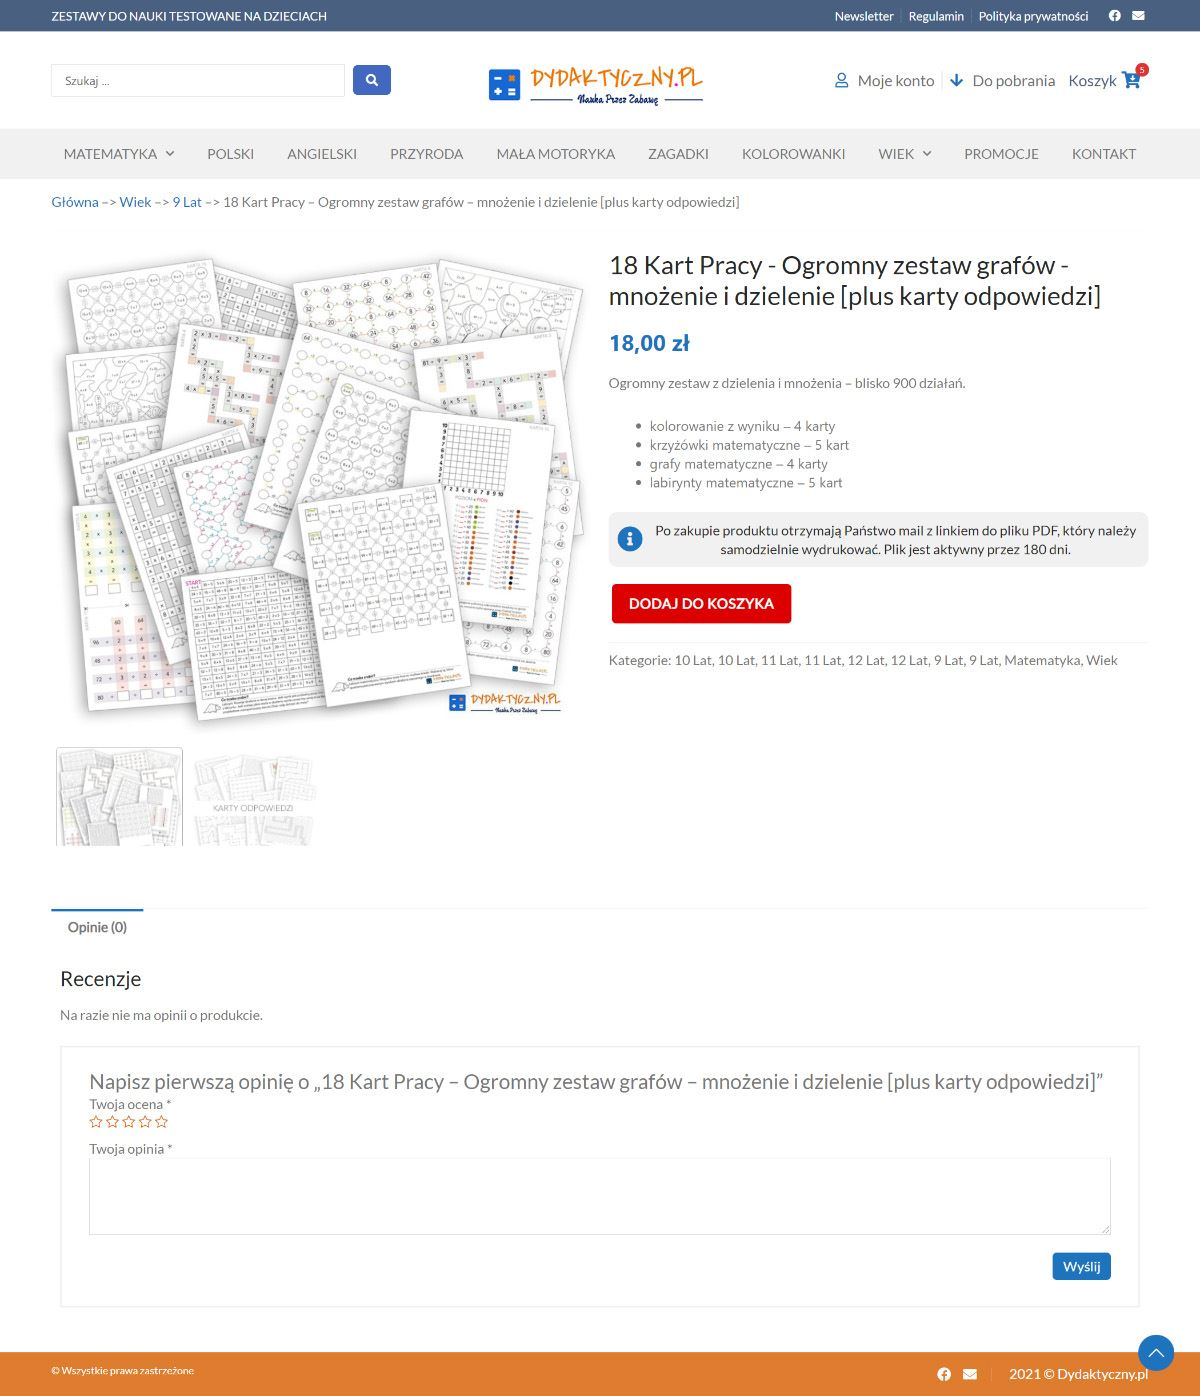 Tworzenie Sklepu Internetowego. Sprzedaż E-Booków Plików Pdf Tworzenie Sklepu Internetowego,Tworzenie Sklepu Www,Tworzenie Sklepu Woocommerce,Tworzenie Sklepu Wordpress Tworzenie Sklepu Internetowego Sprzedaz E Bookow Plikow Pdf Webpanda Webpanda